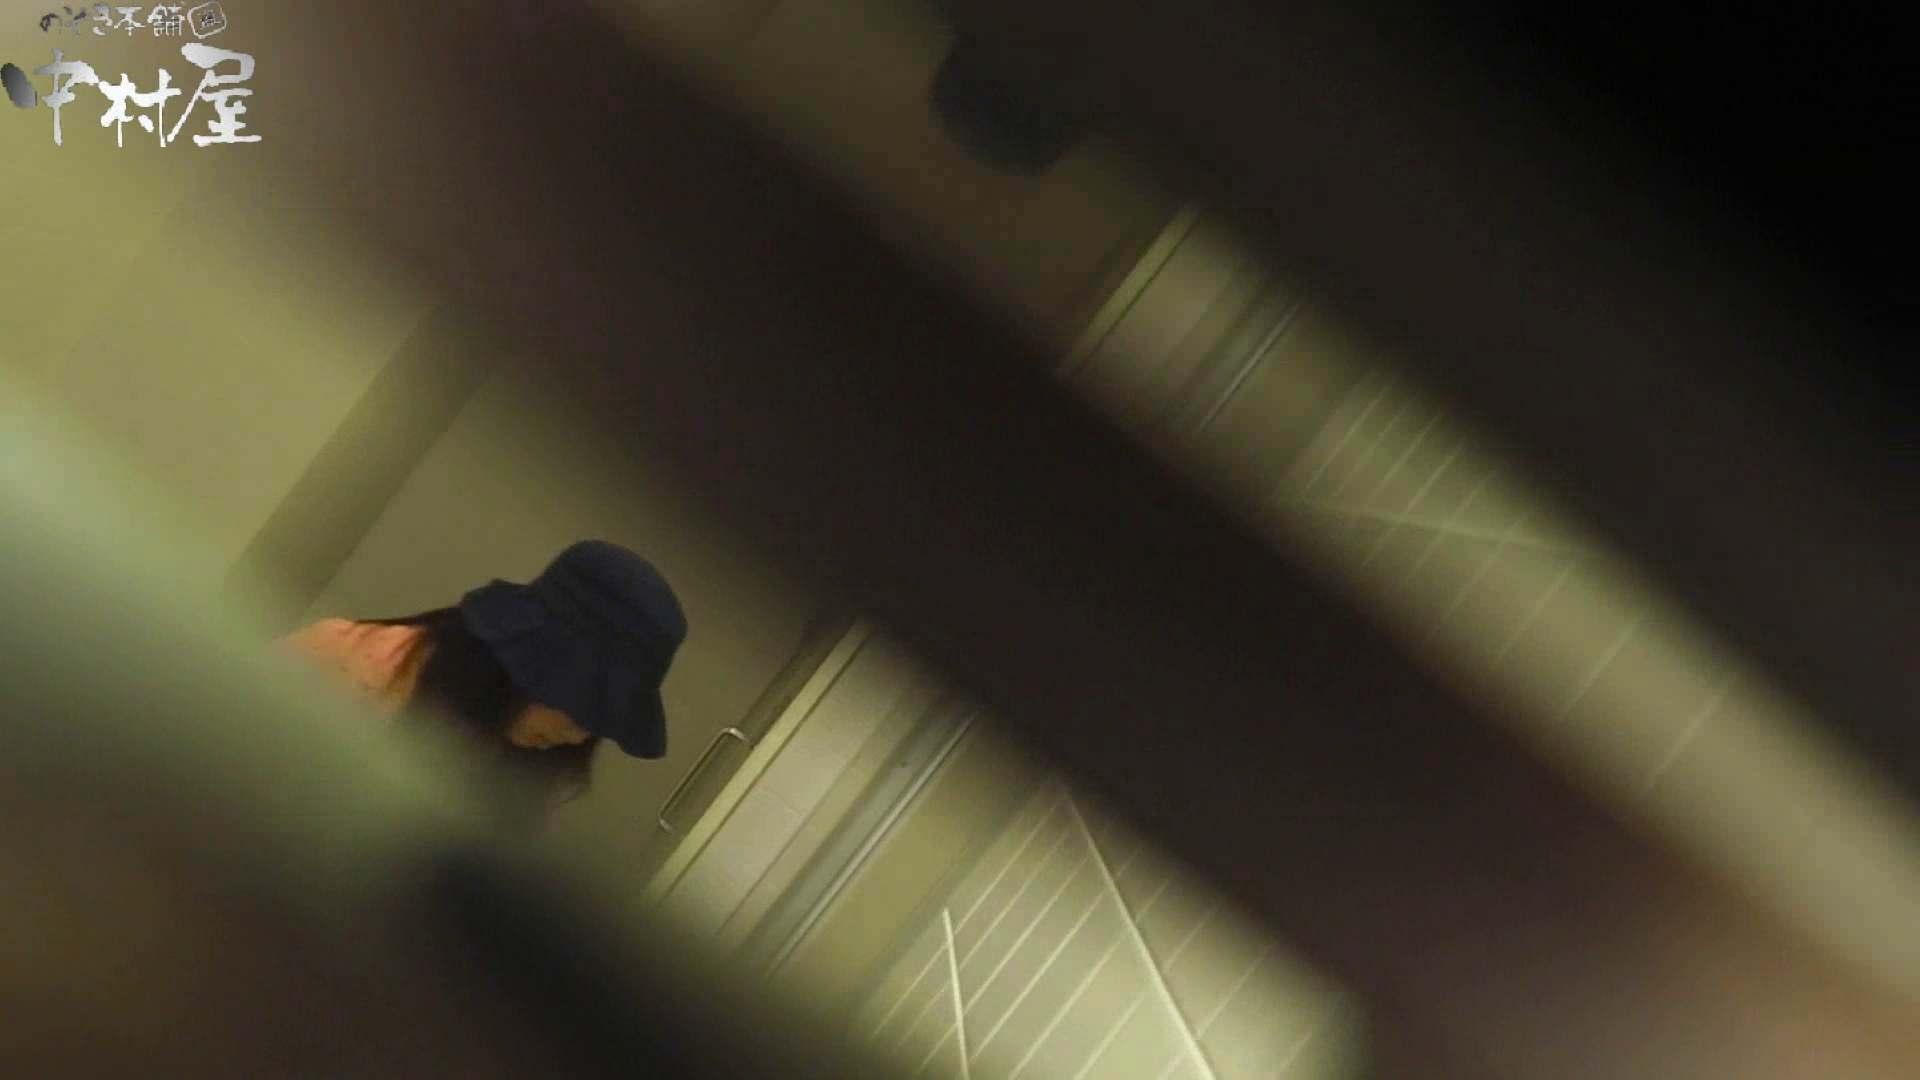 【お銀さんの「洗面所突入レポート!!」】お銀さんの「洗面所突入レポート!!」 vol.28小島陽菜似のピンクオシャレさん 洗面所   OLすけべ画像  98連発 85